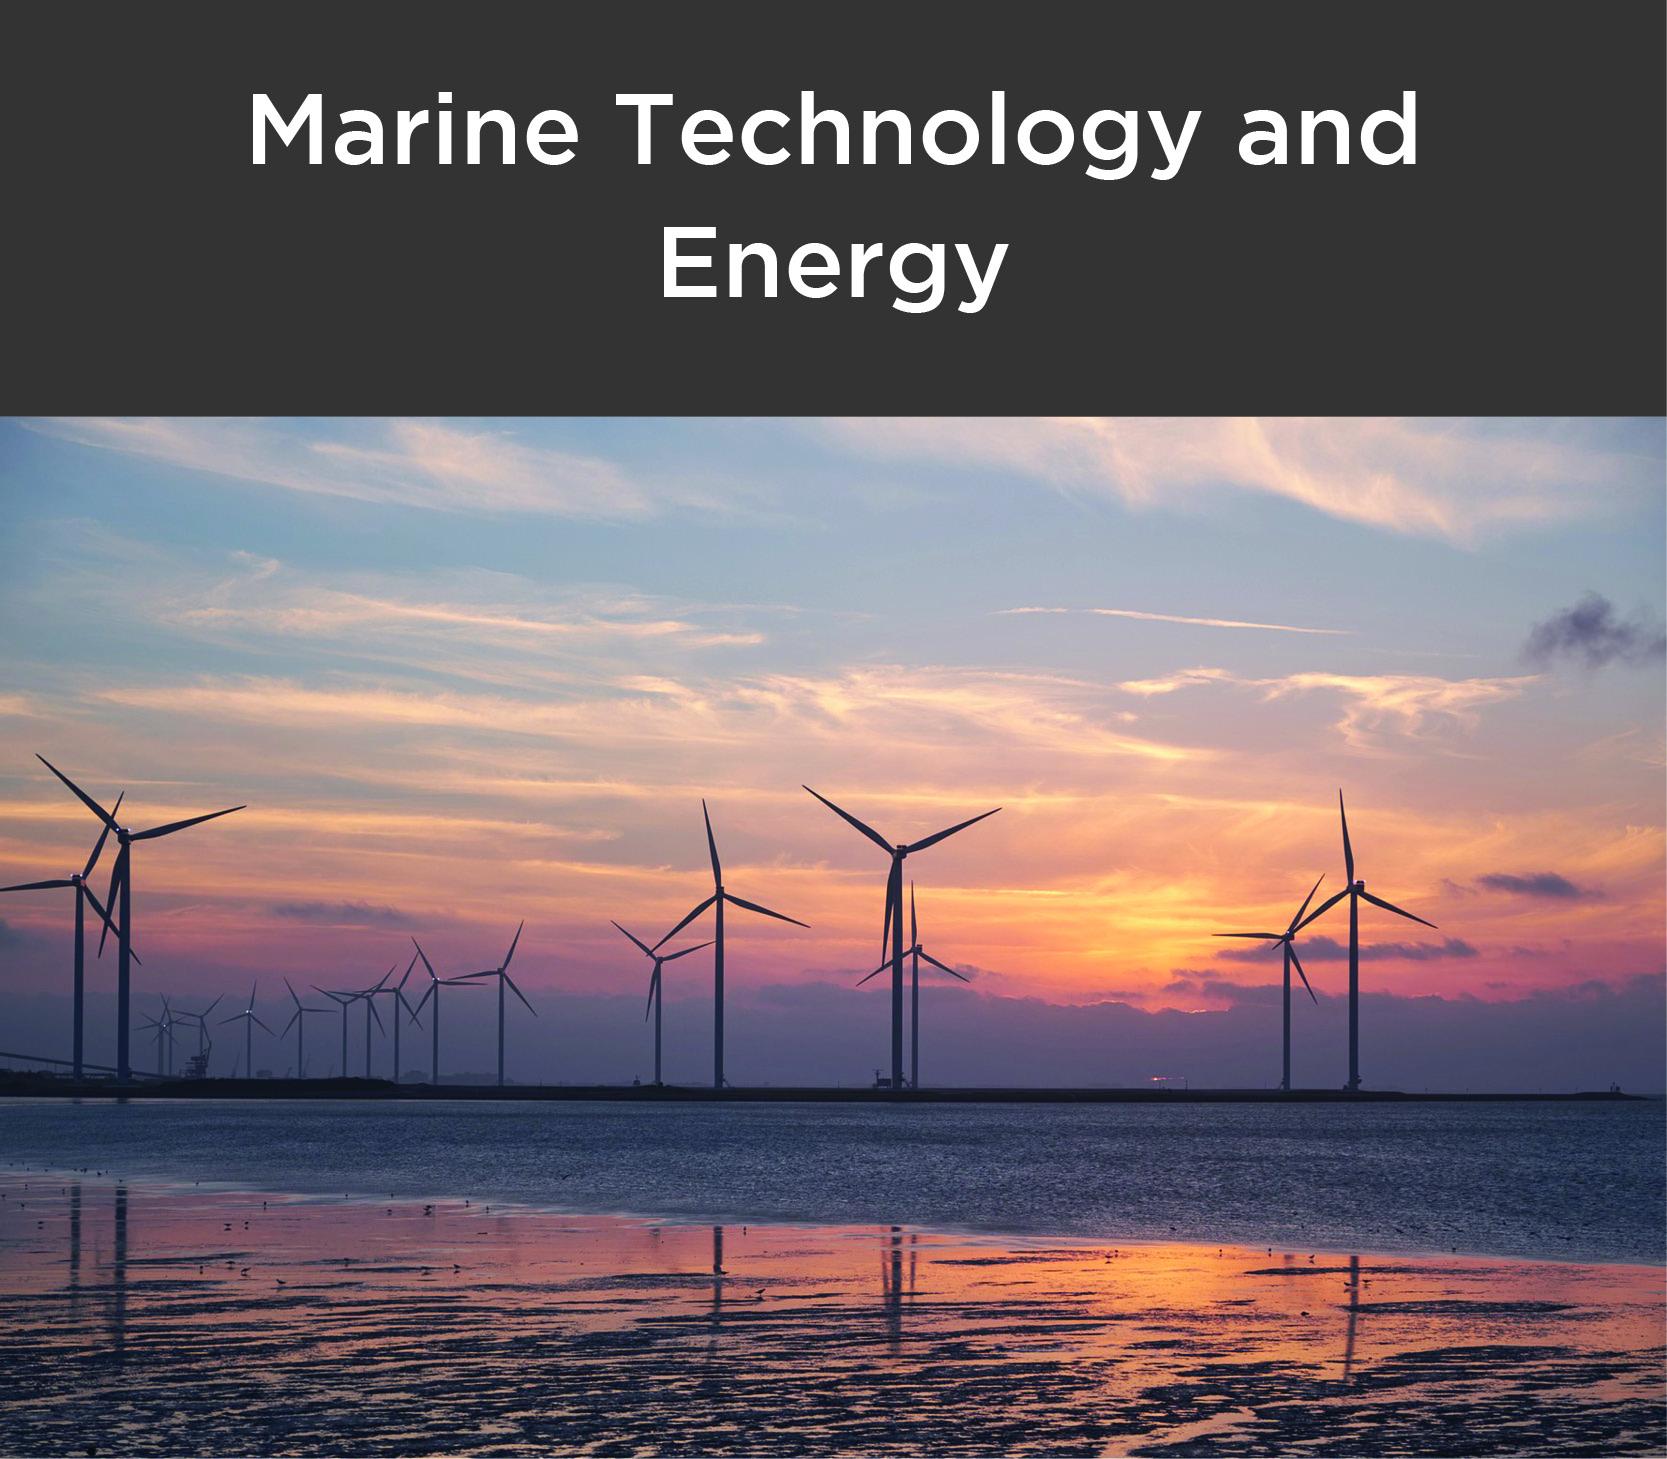 Sector marine technology & energy